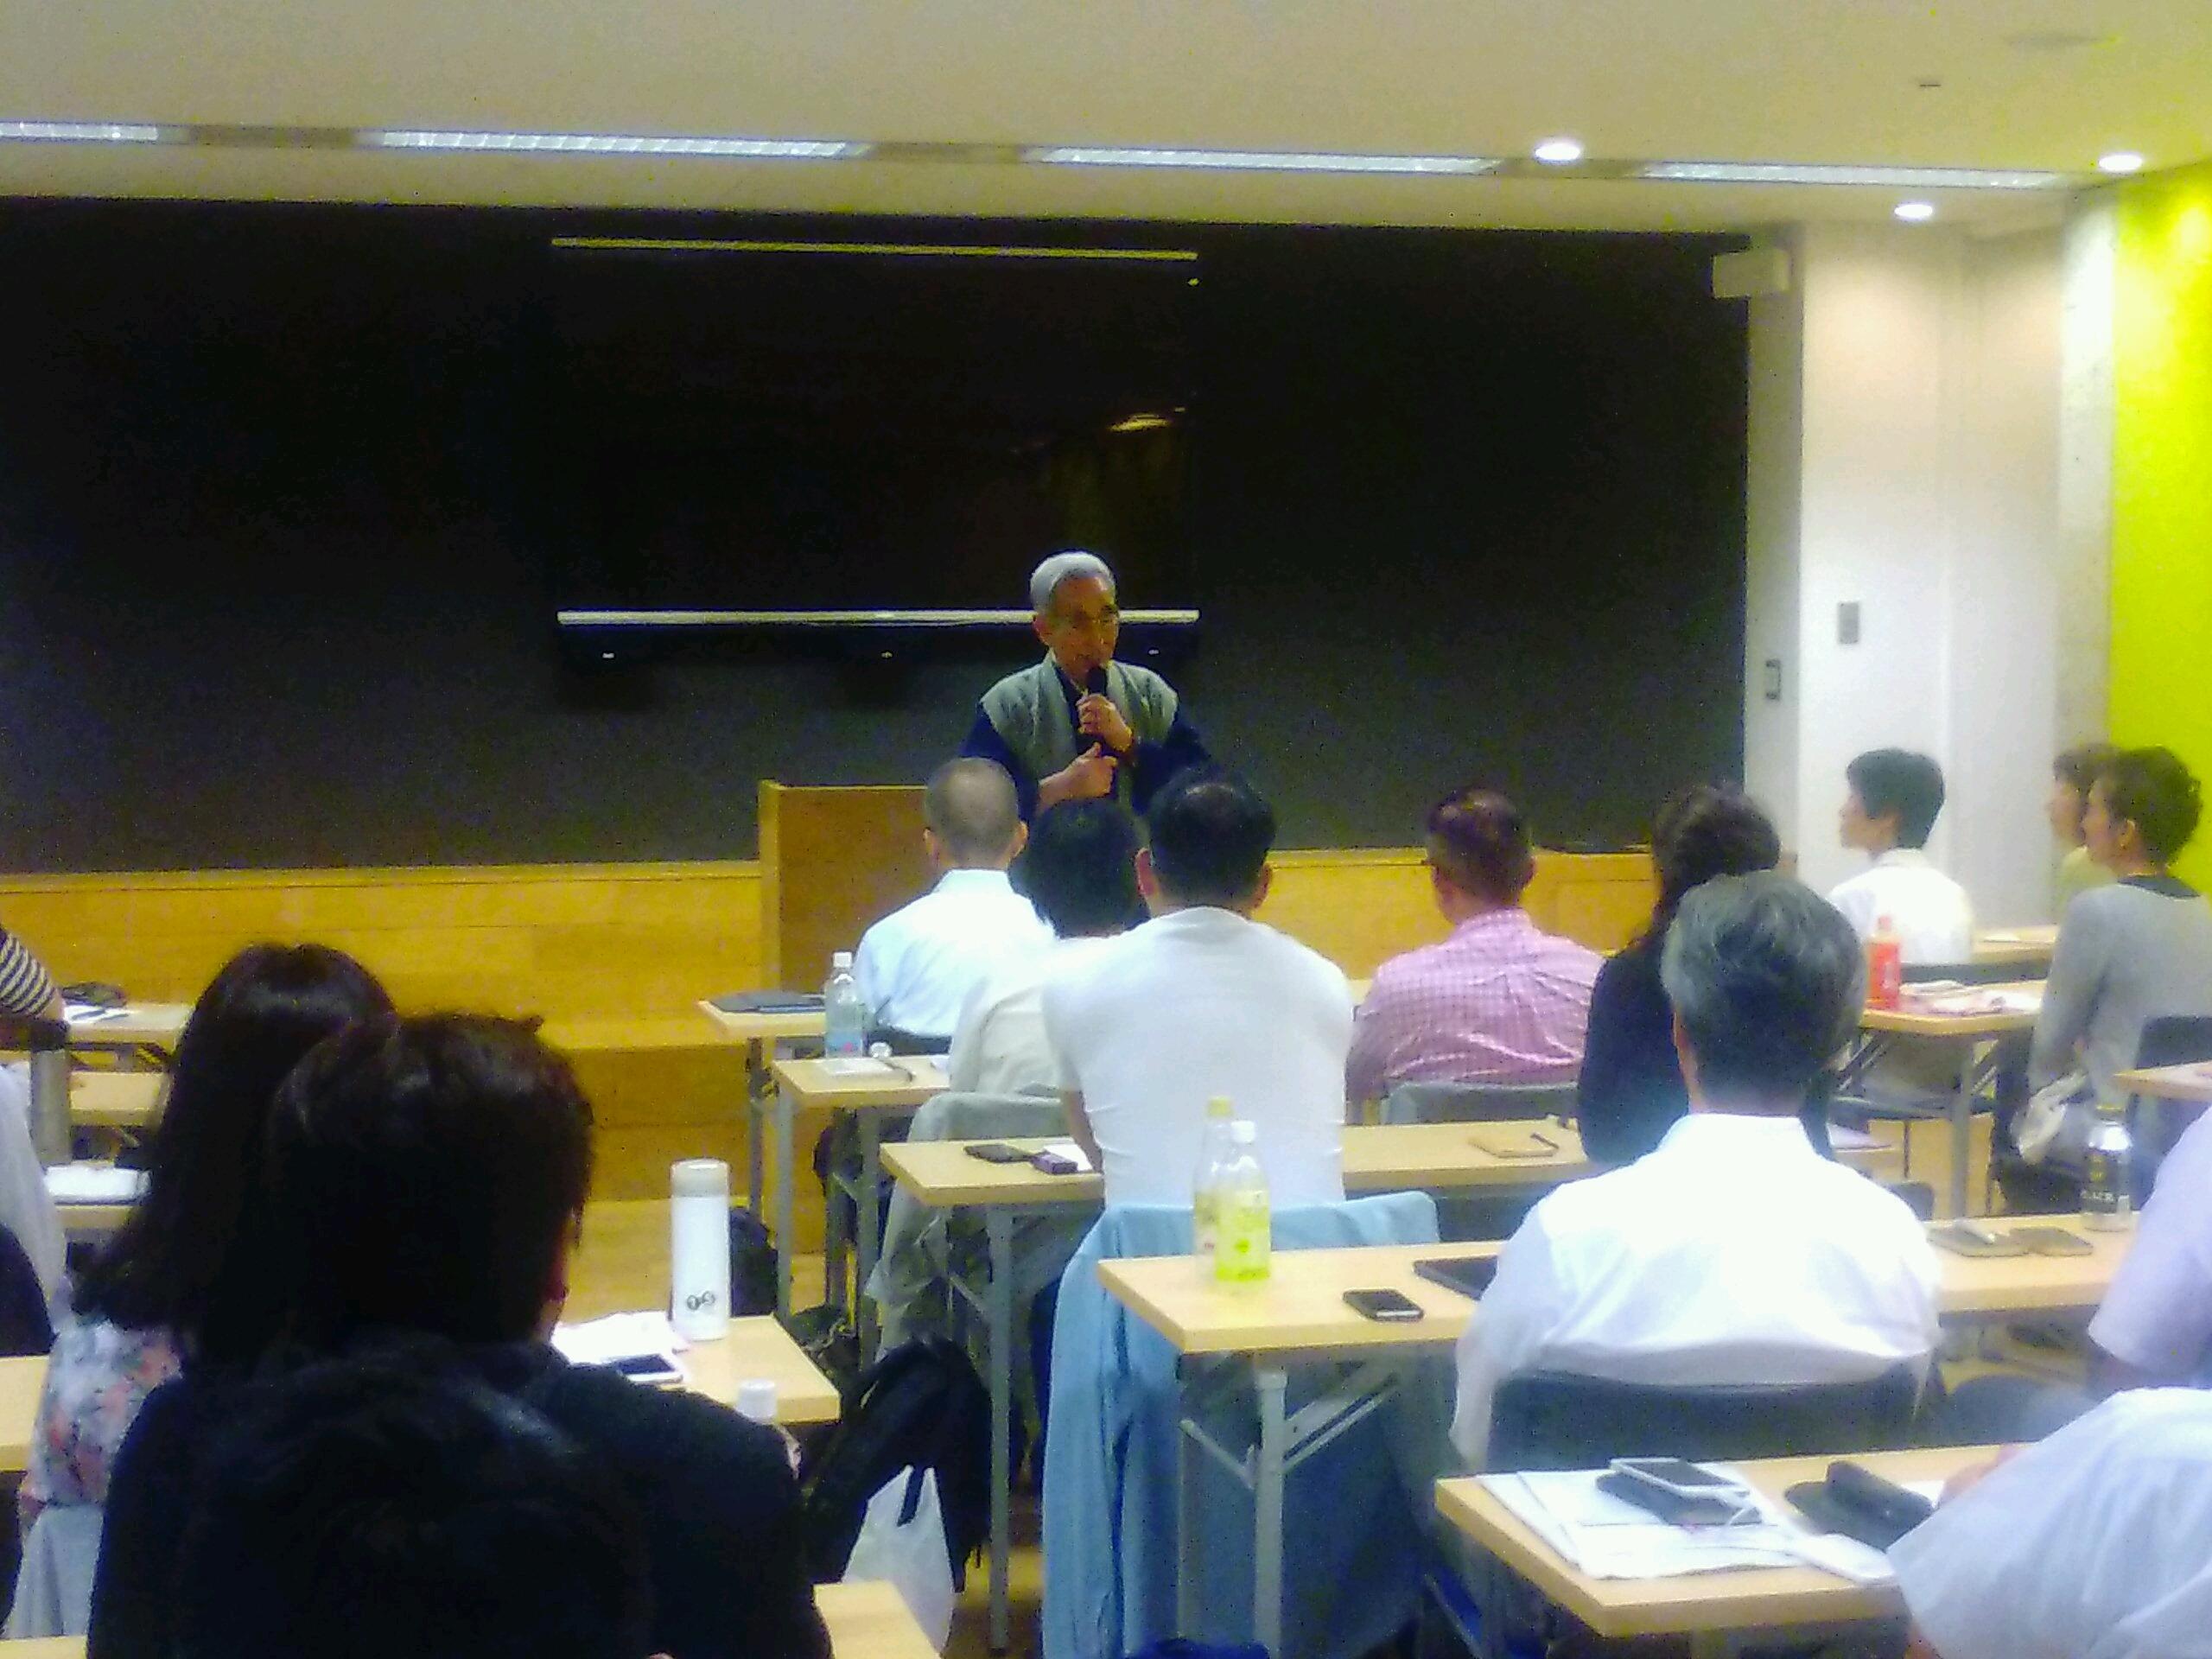 20181006164224 - 2018年10月6日(土)第5回東京思風塾開催しました。